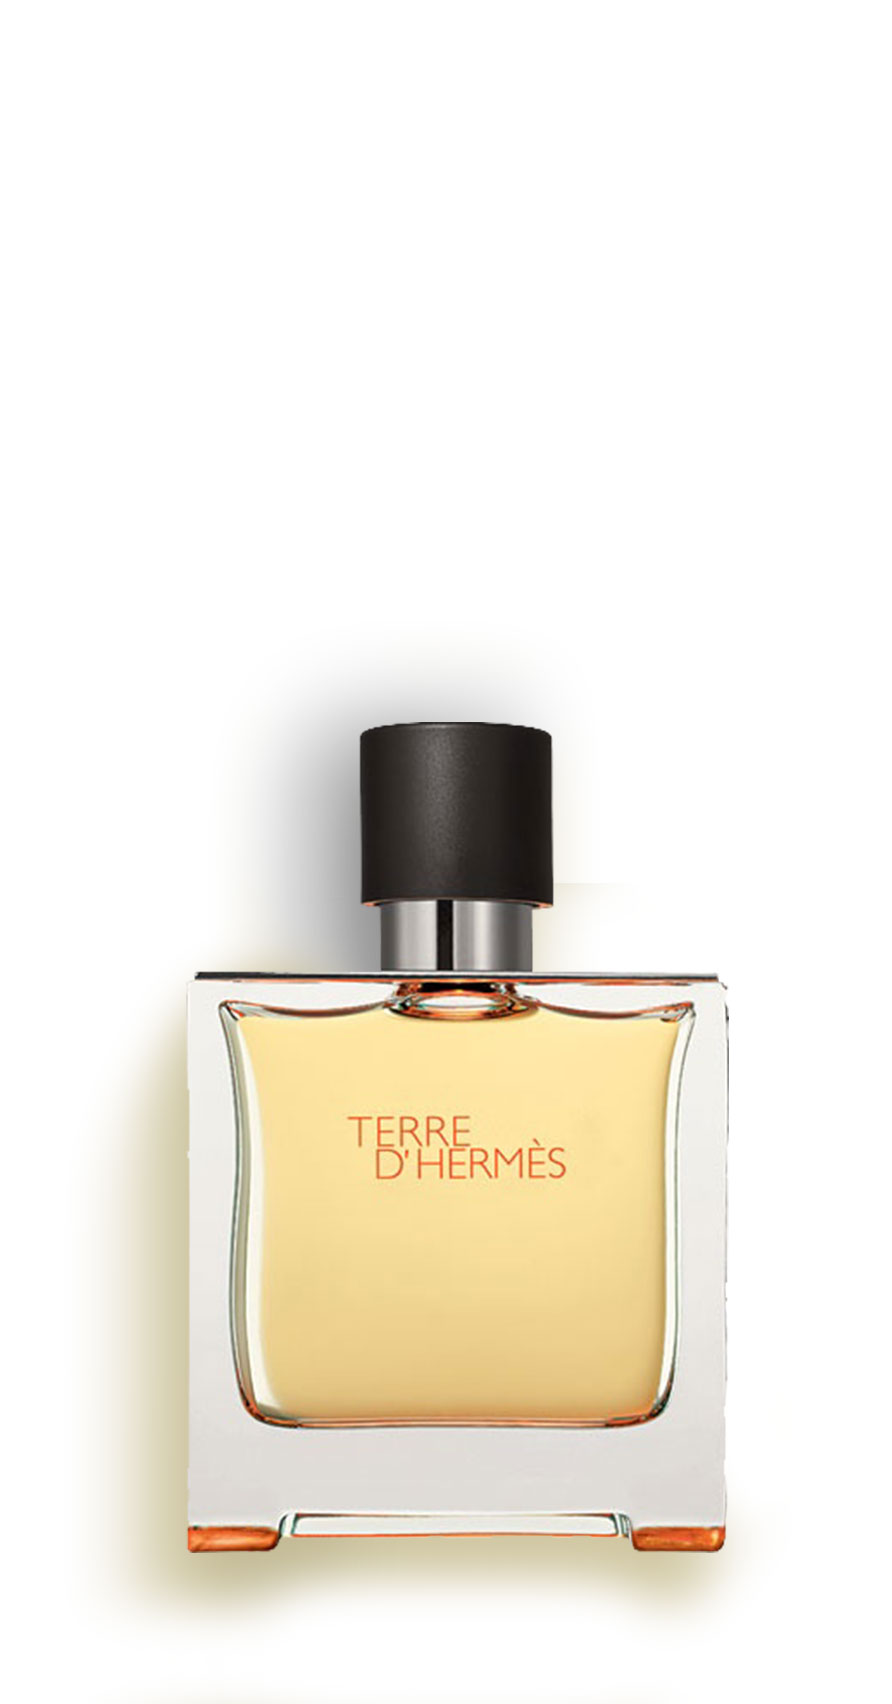 Hermès - Terre d'Hermès - Vaporisateur delux 12,5 ml.